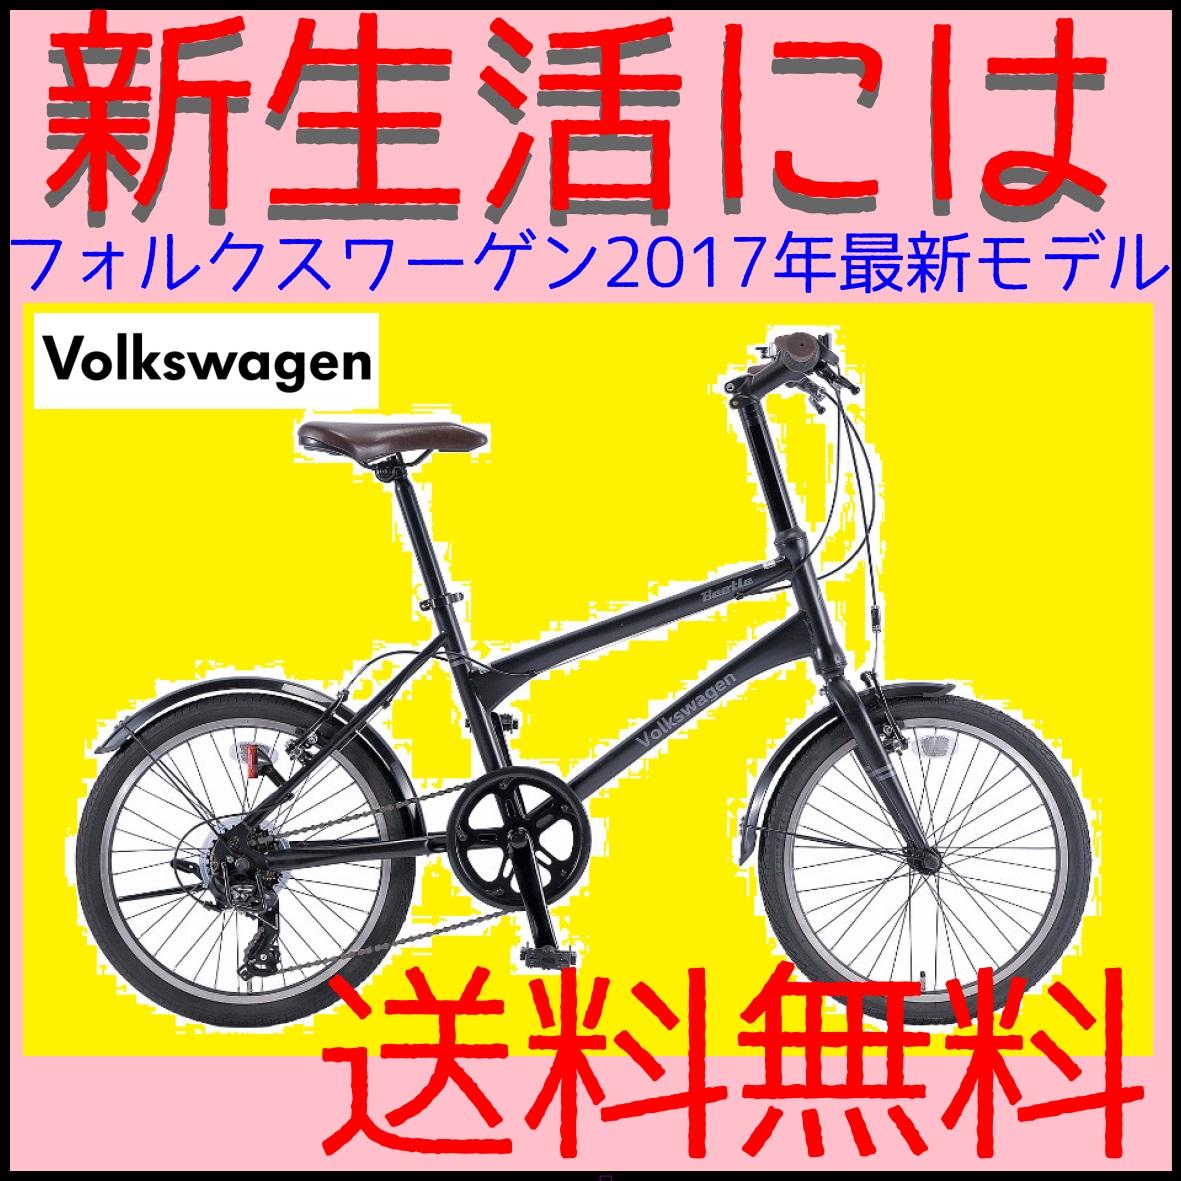 フォルクスワーゲン ミニベロ Volkswagen 自転車 ブラック 黒 20インチ 自転車 外装7段ギア フォルクスワーゲン VW-207COM Beetle ビートル